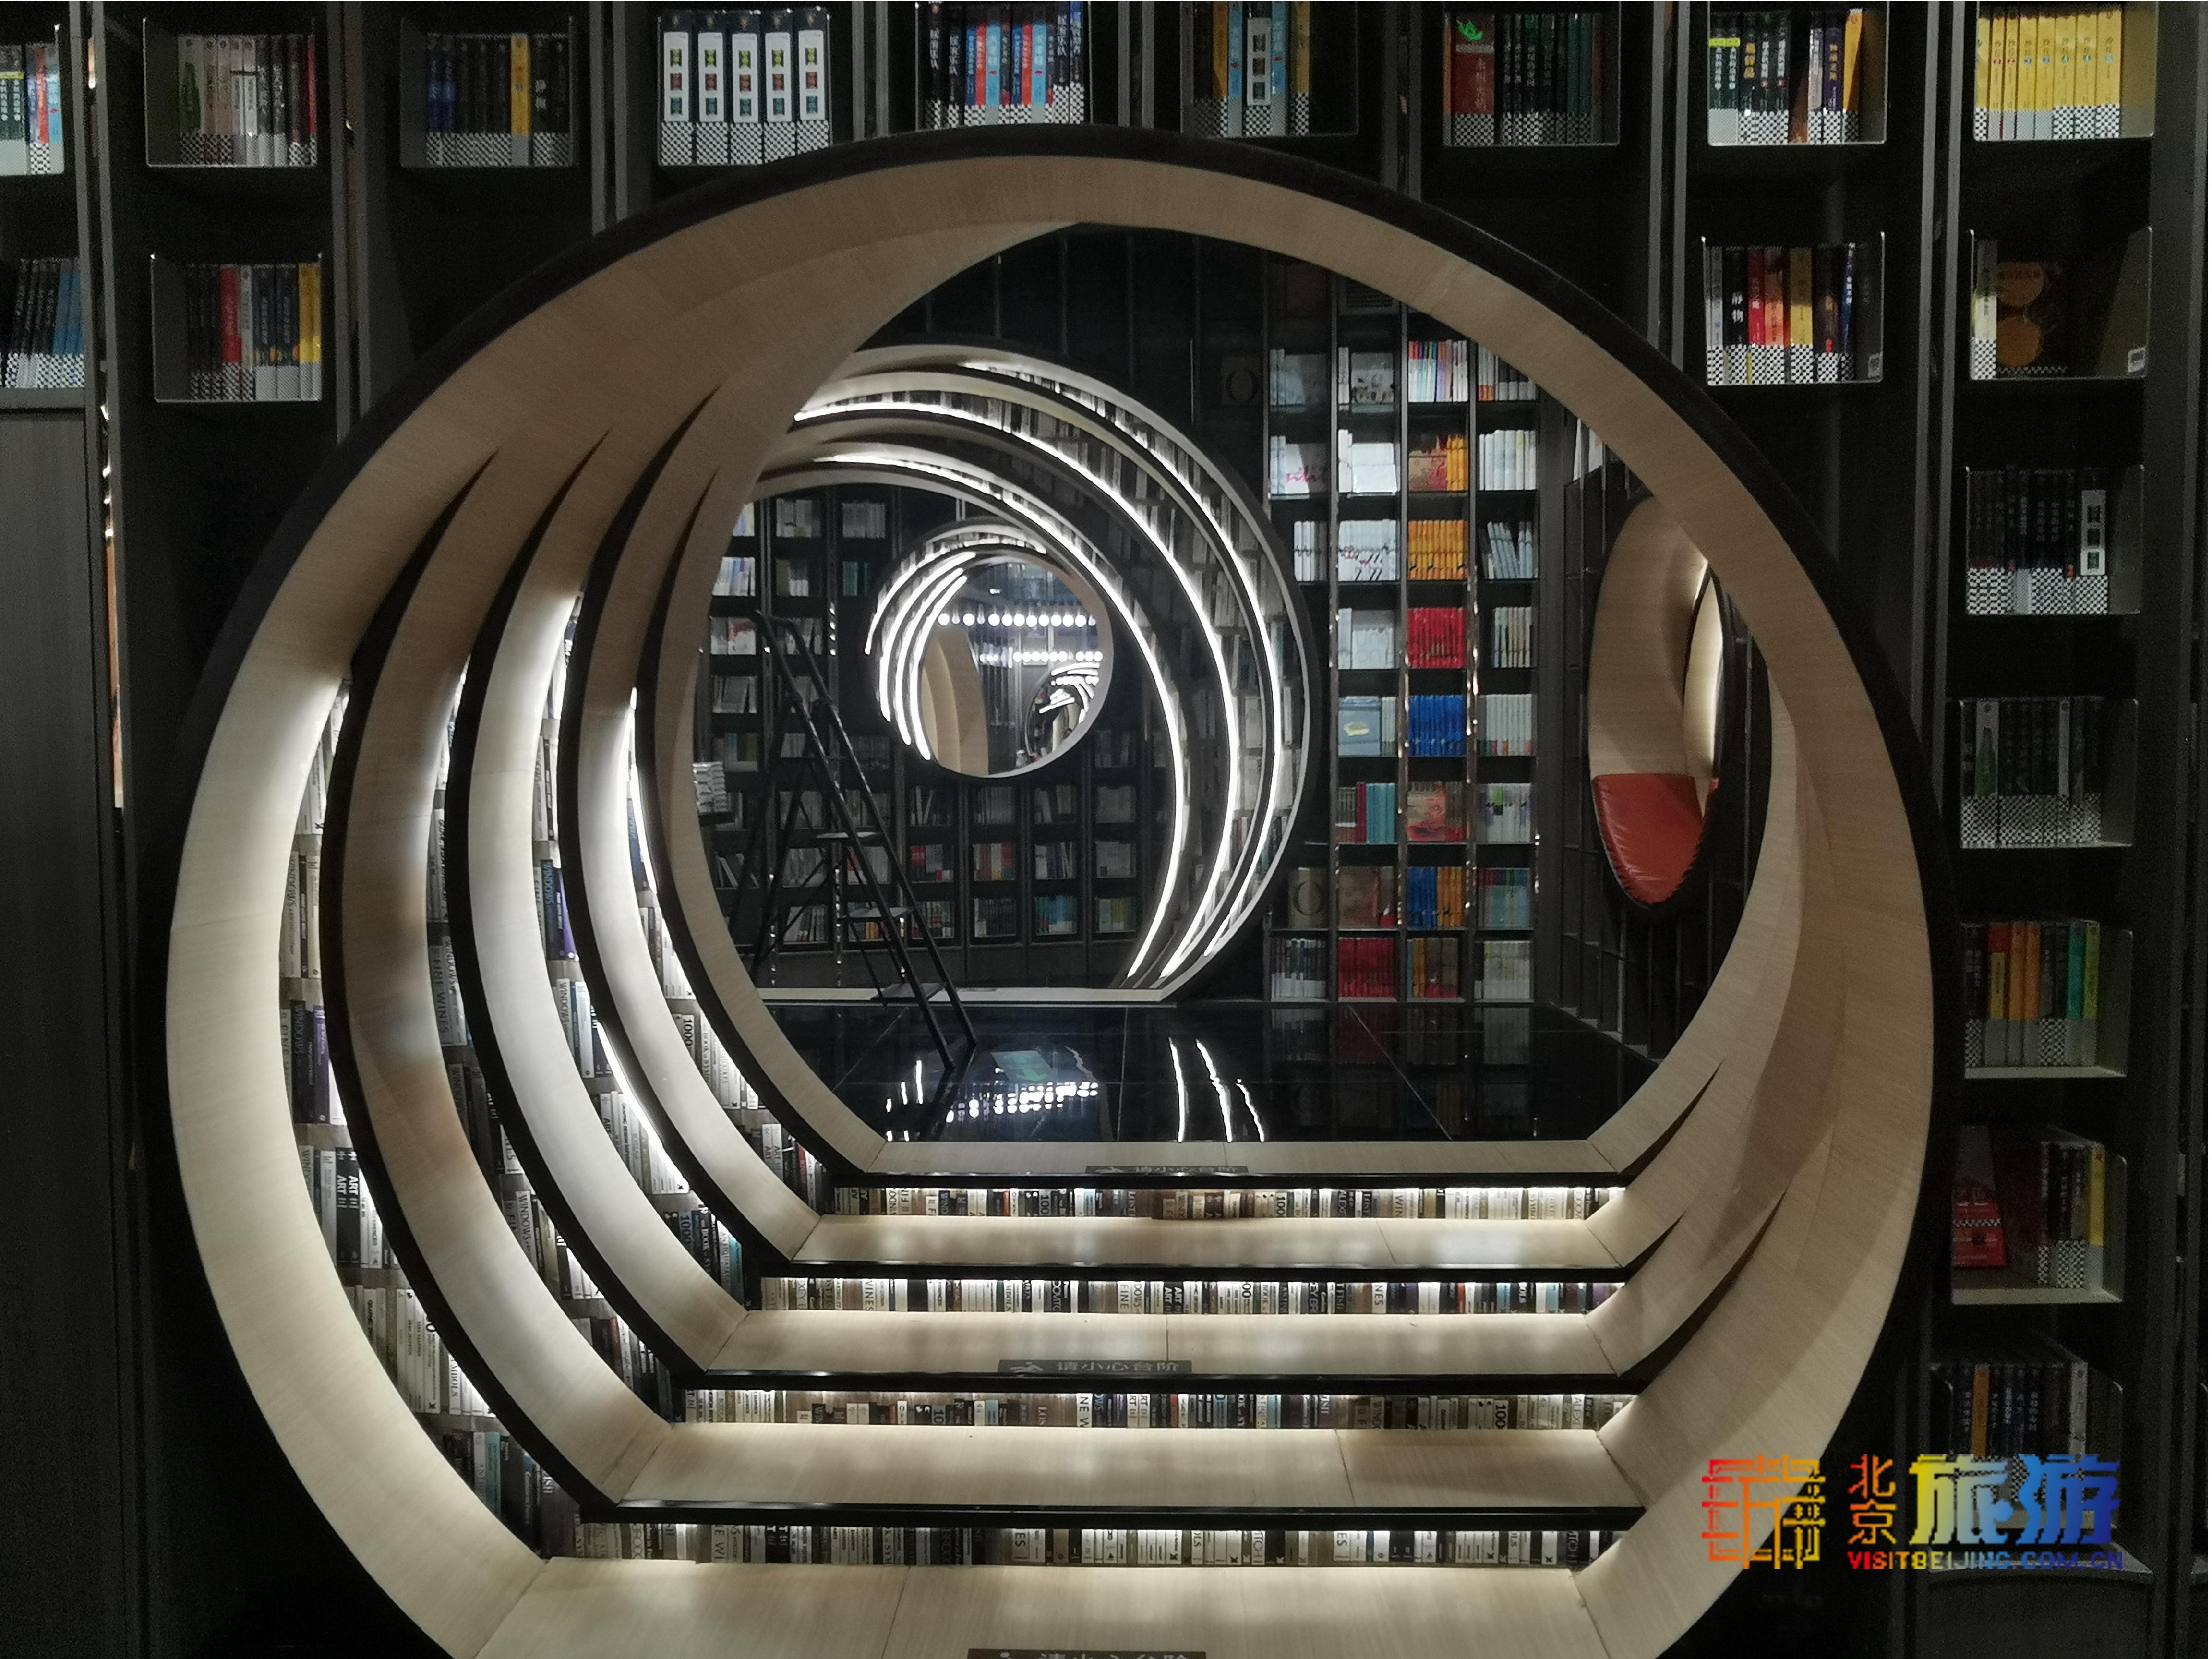 Librairie Zhongshuge